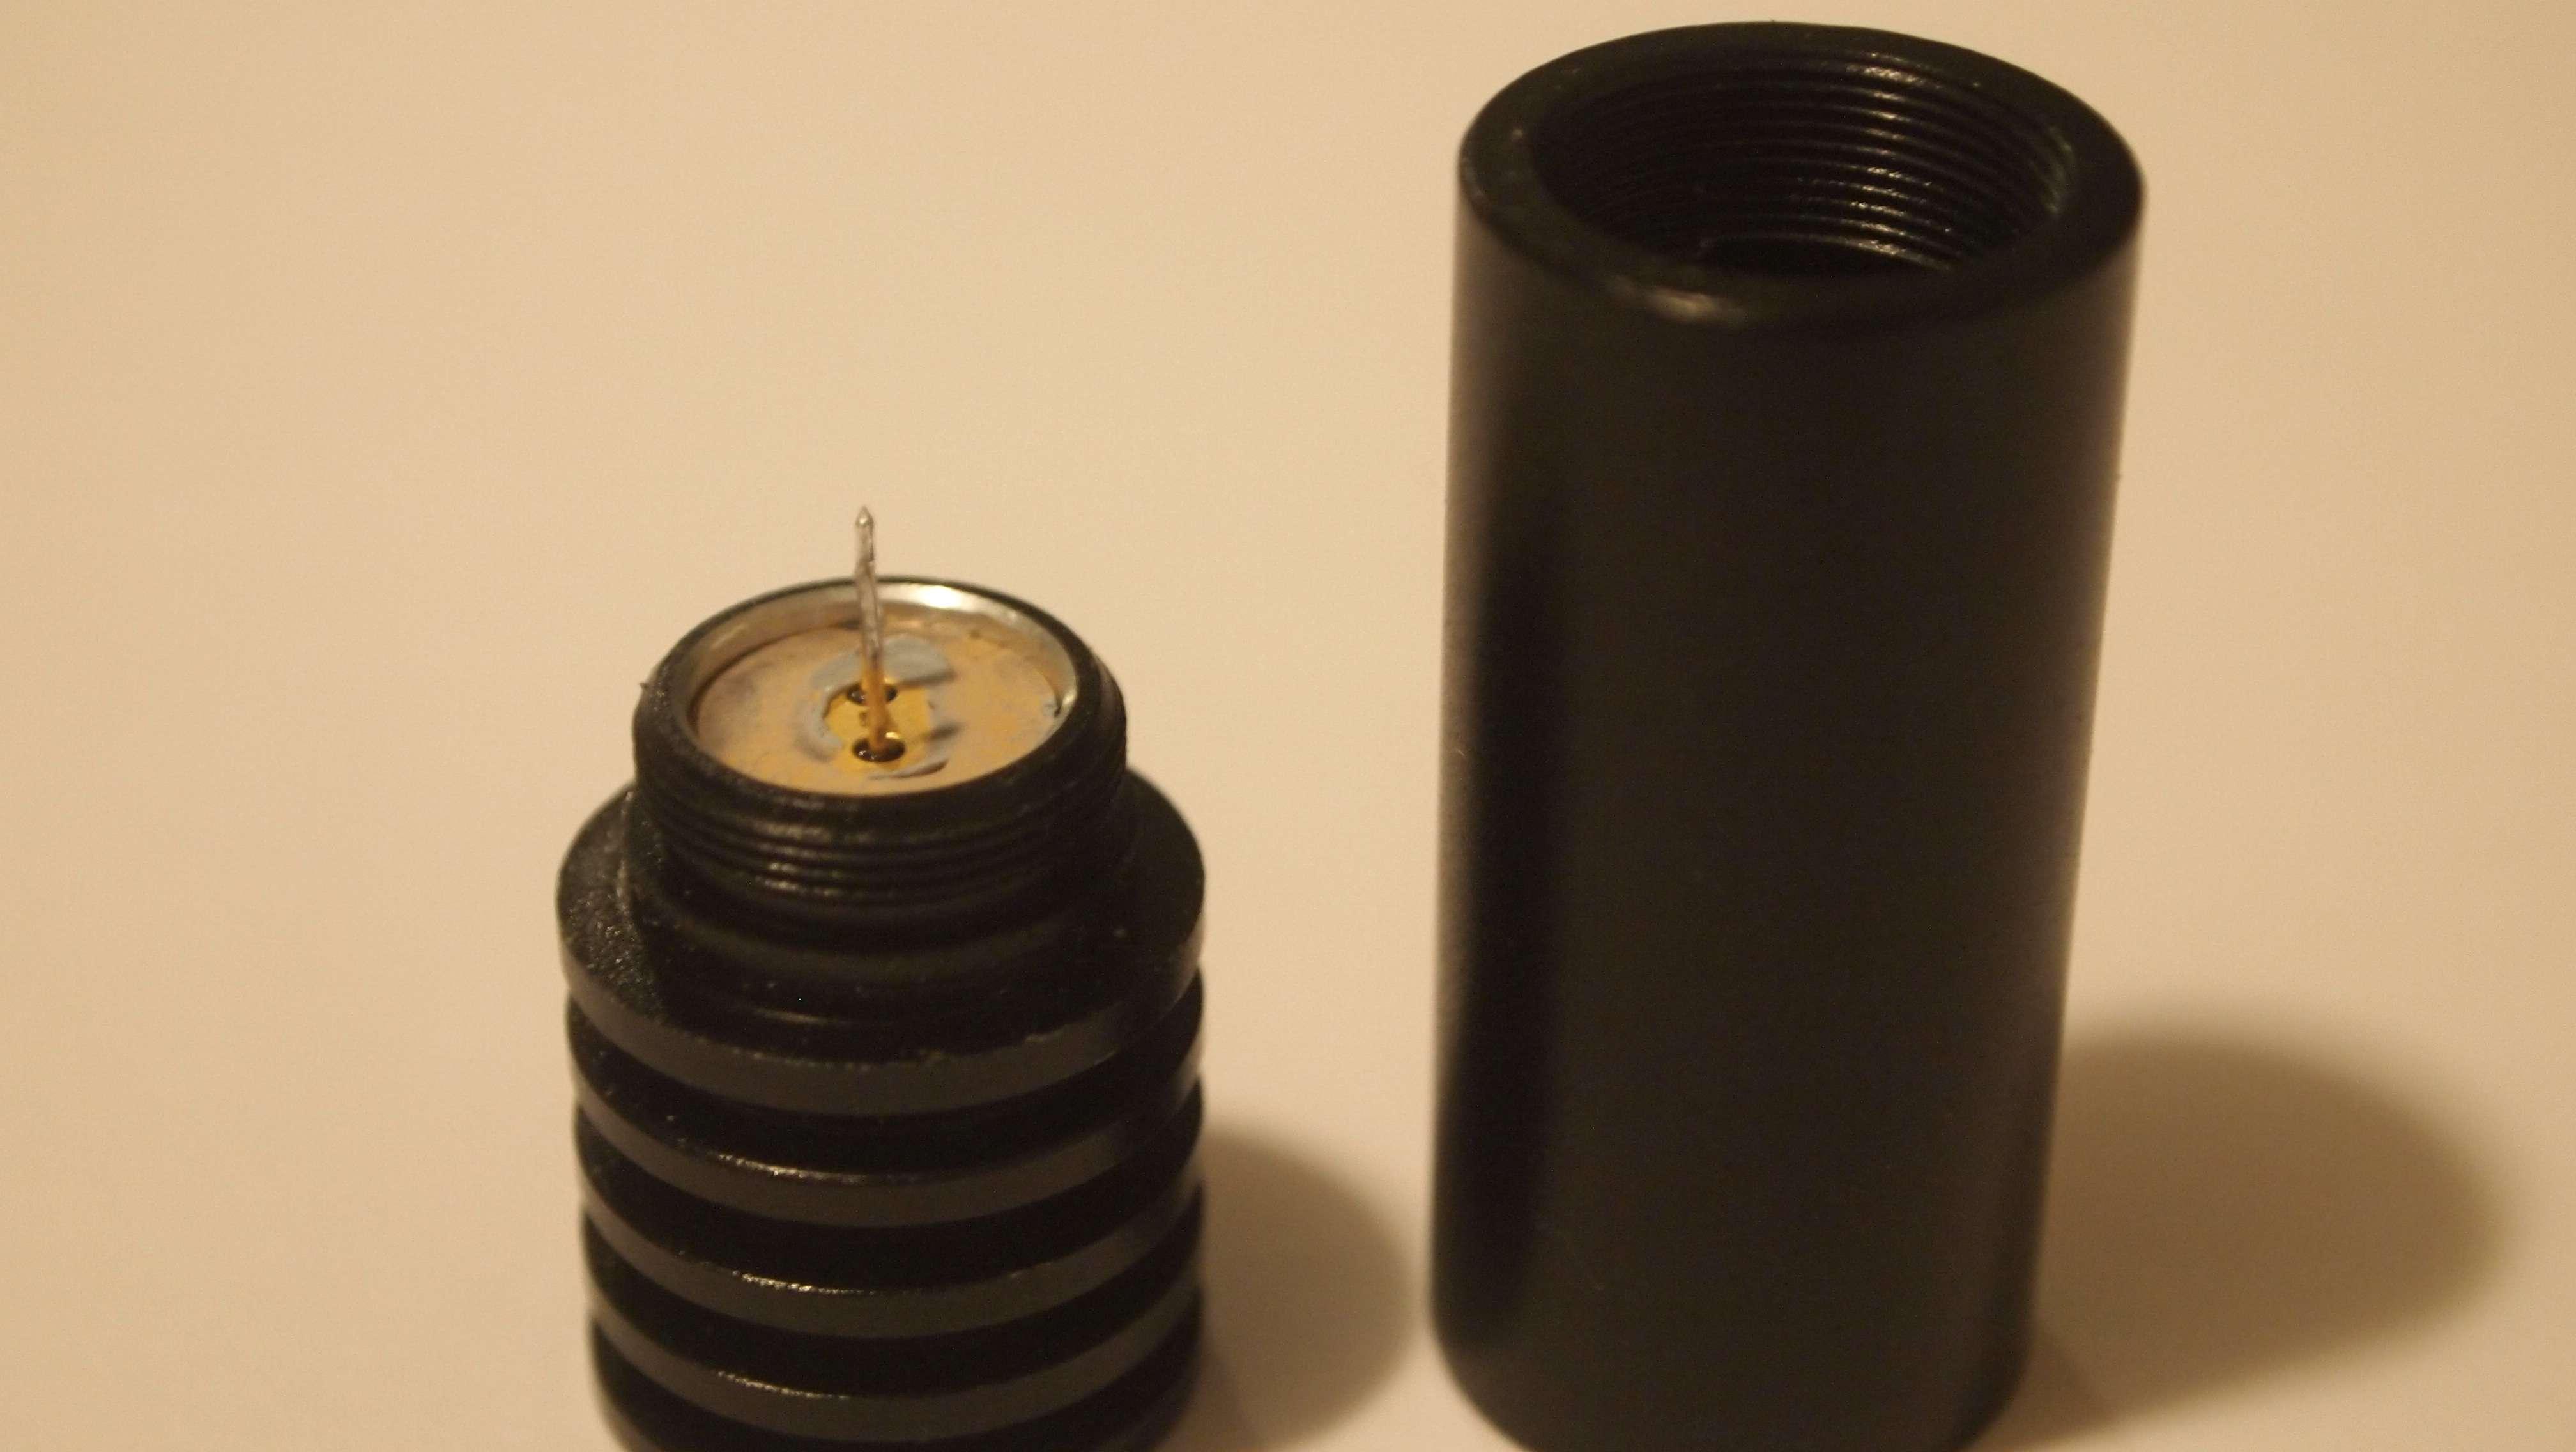 Nichia Ndb7875 445nm 9mm Laser 28 Images Nichia Laser